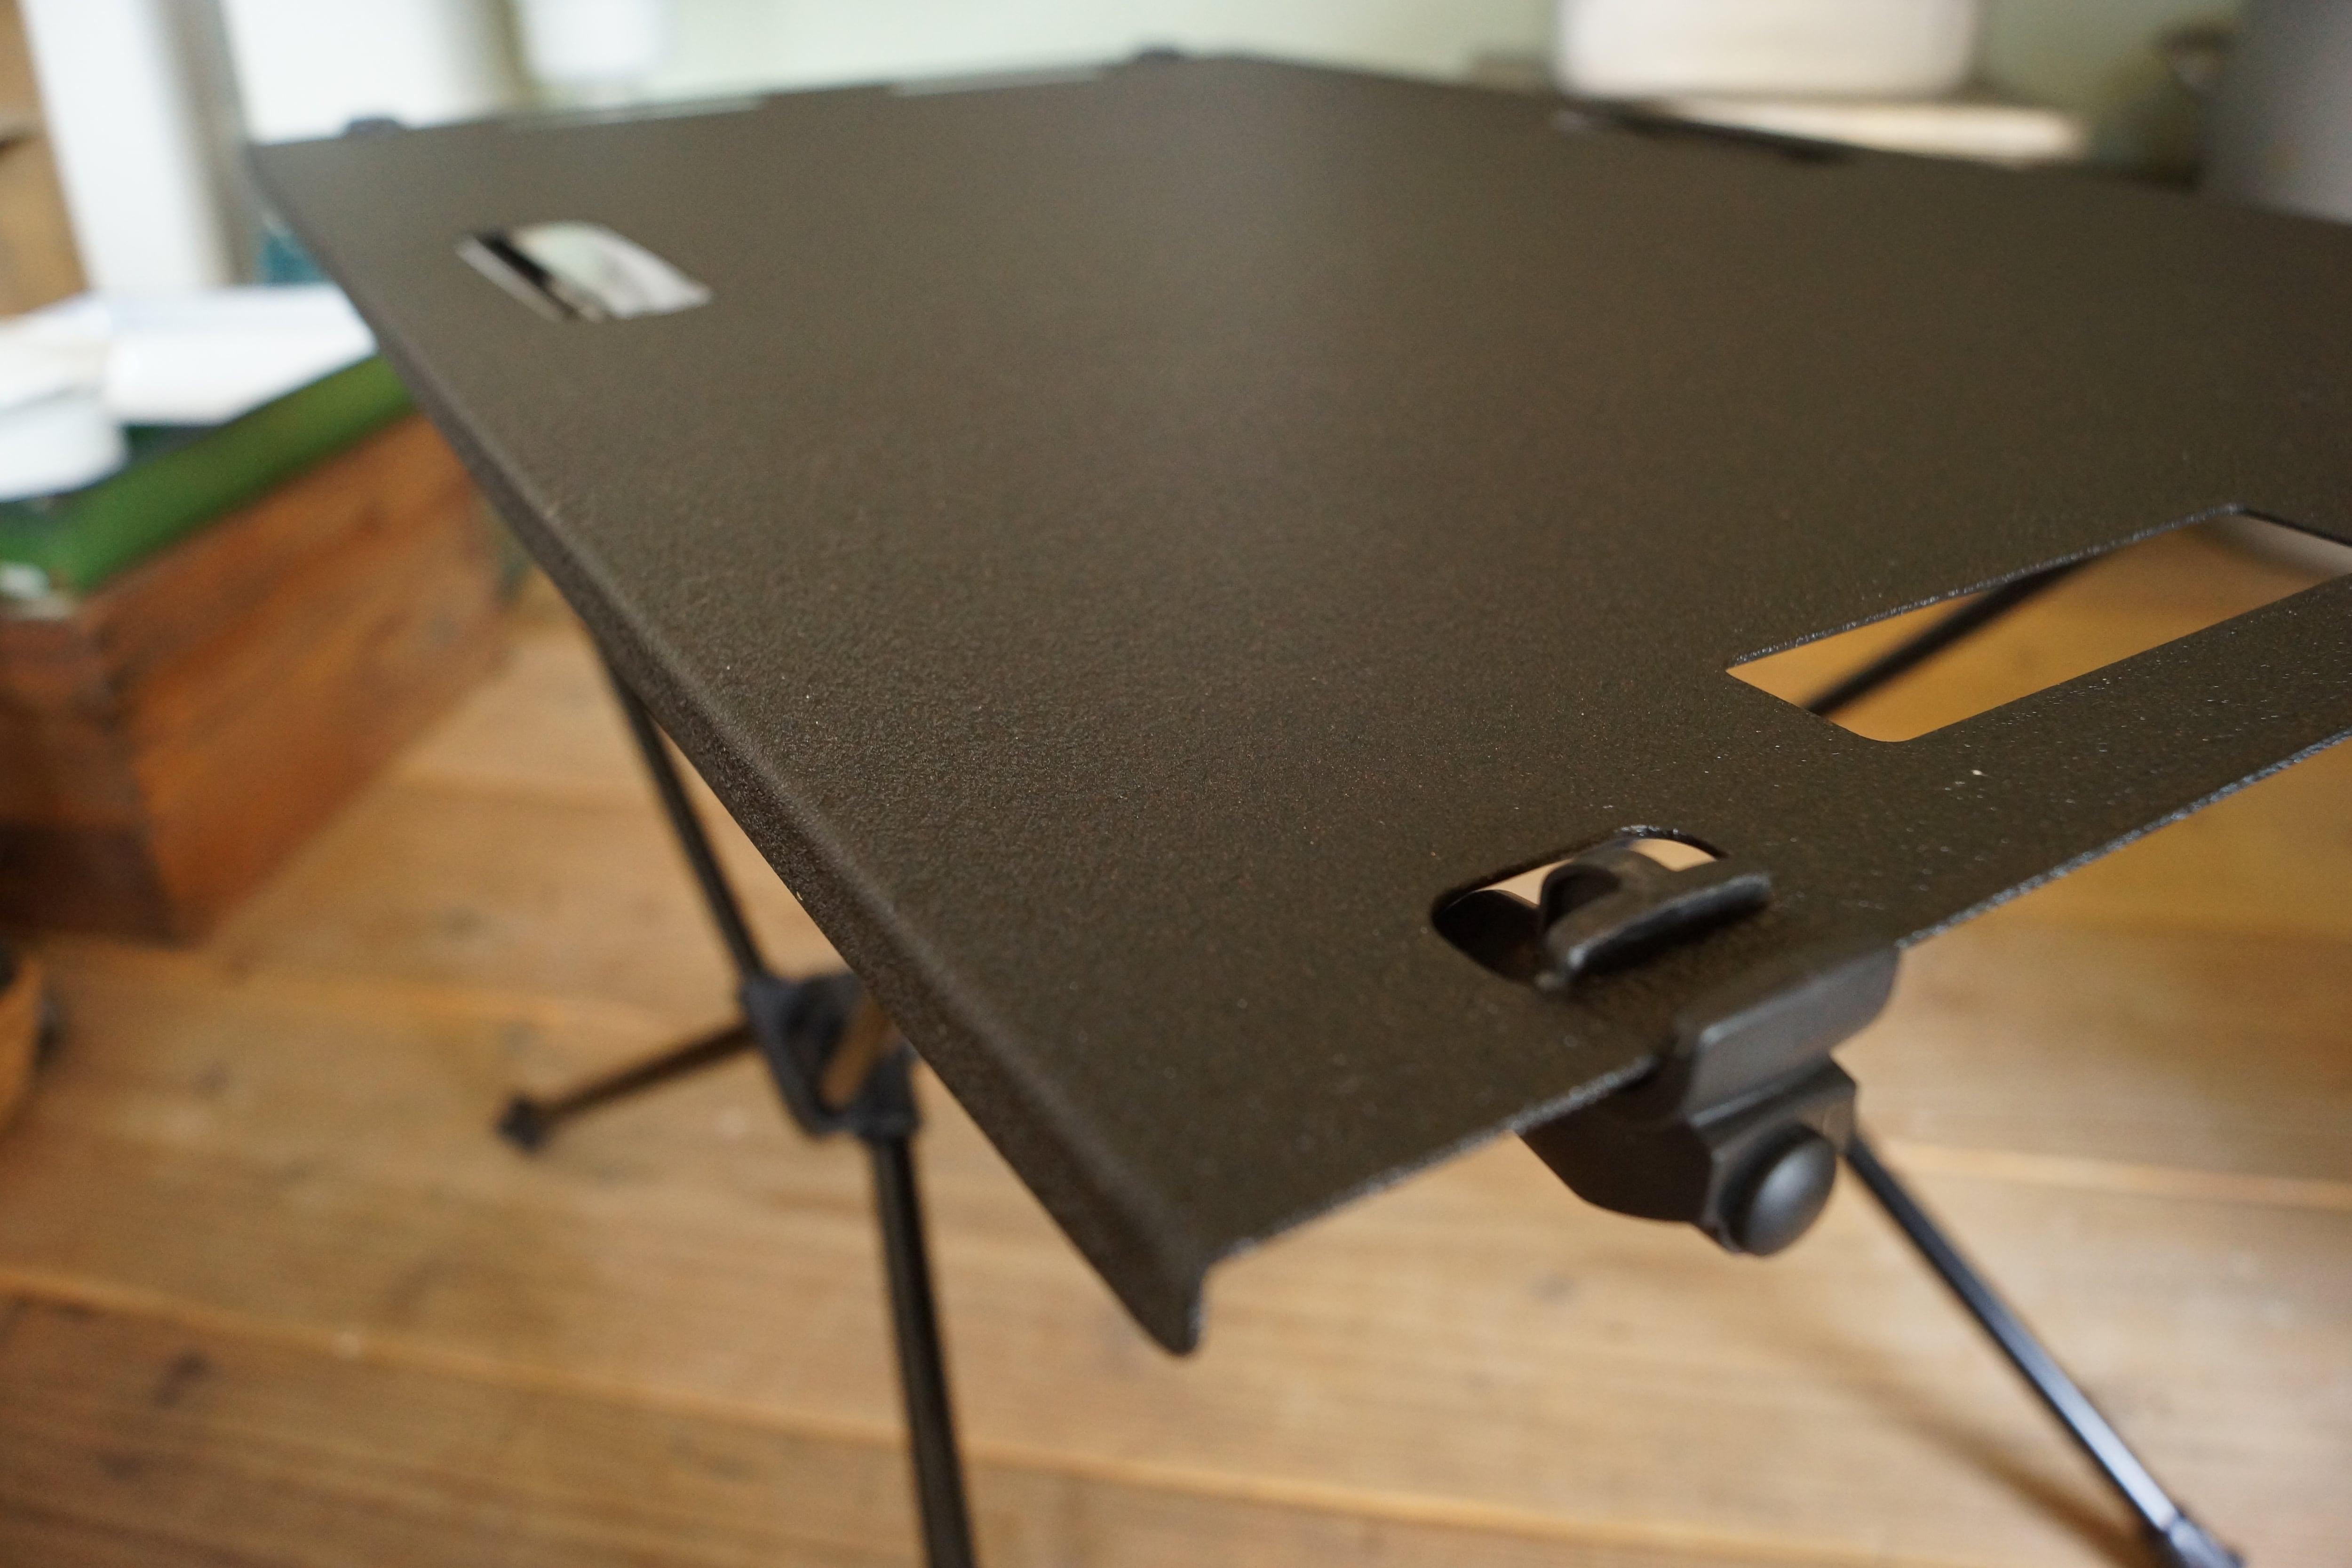 「オフシャル限定品」Helinox Home(ヘリノックス)テーブルMワン用 テクスチャブラック天板。